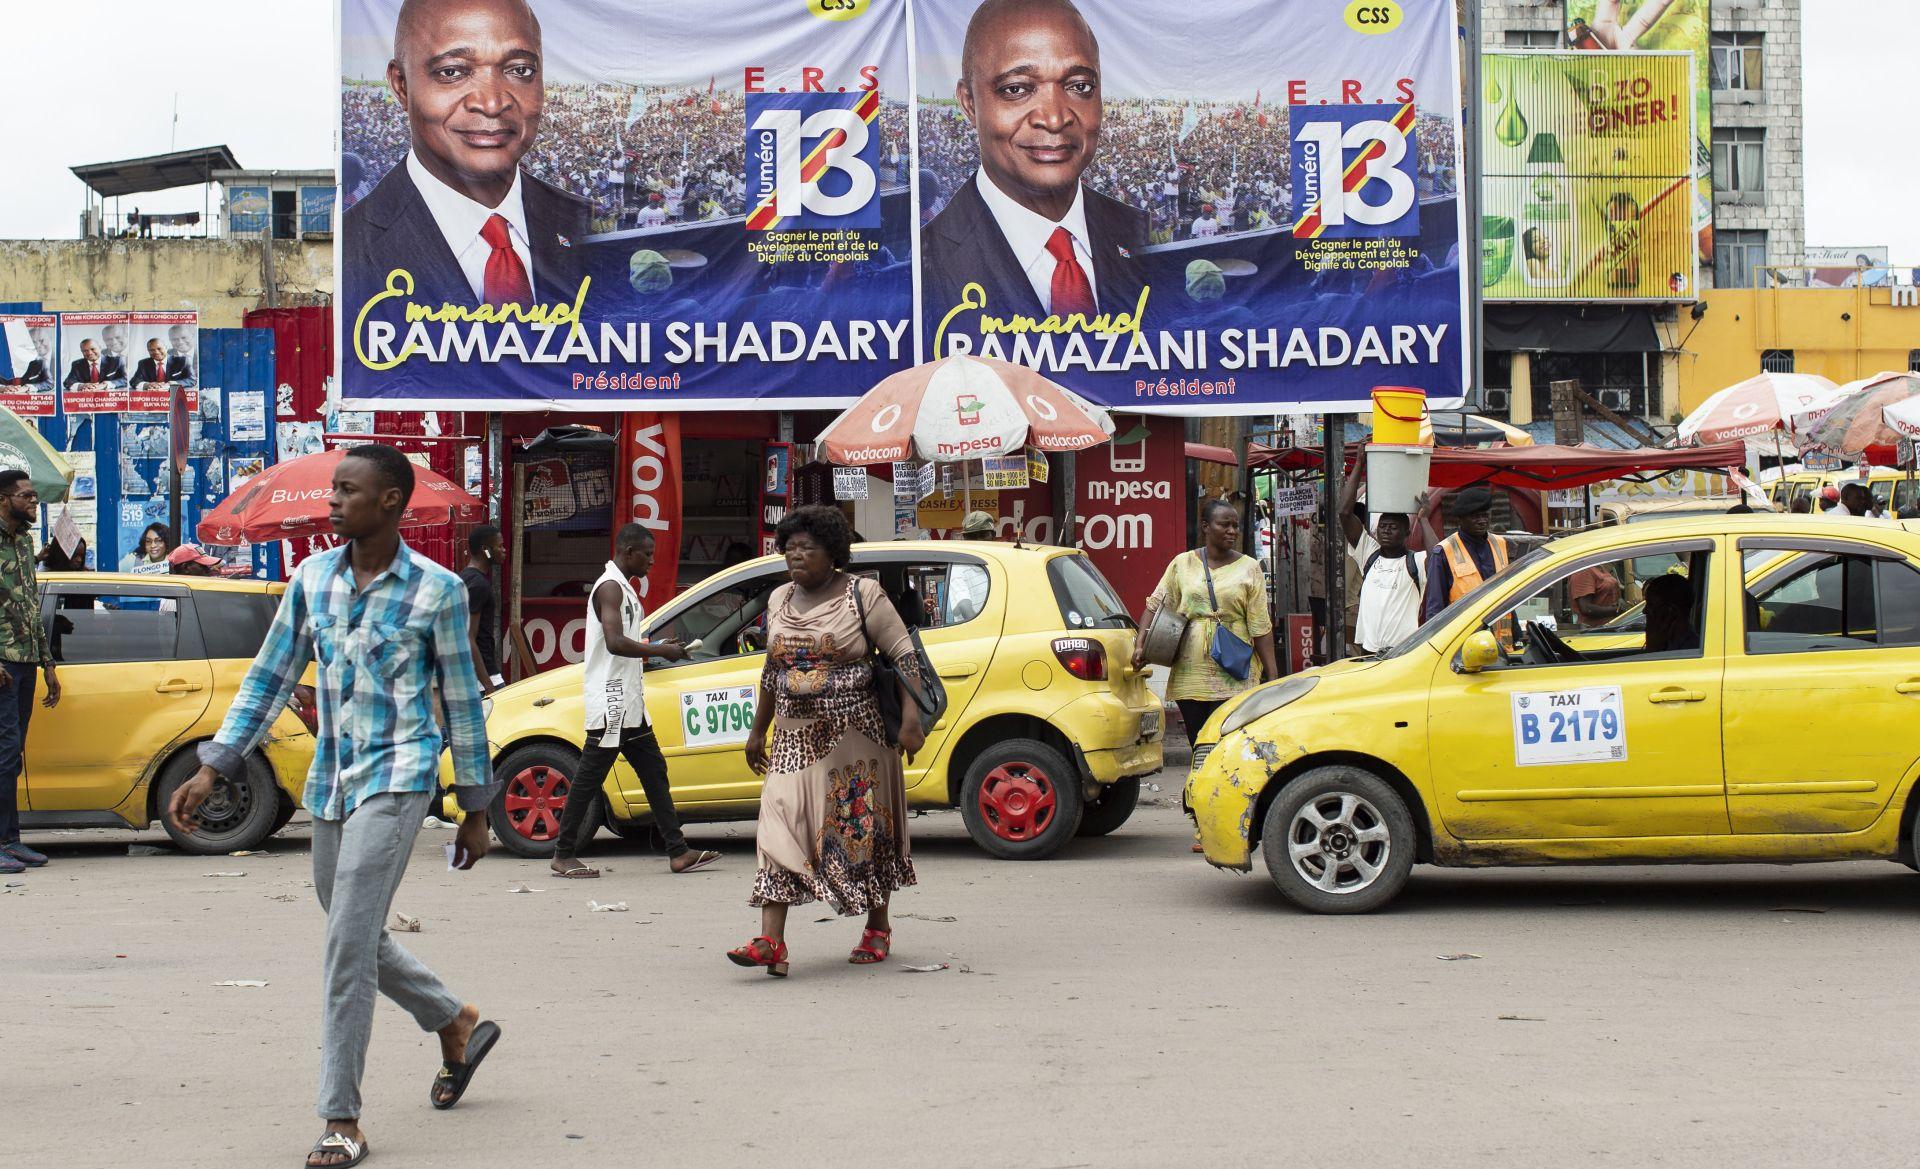 Kongoanski predsjednik uvjeren da će se izbori u nedjelju održati